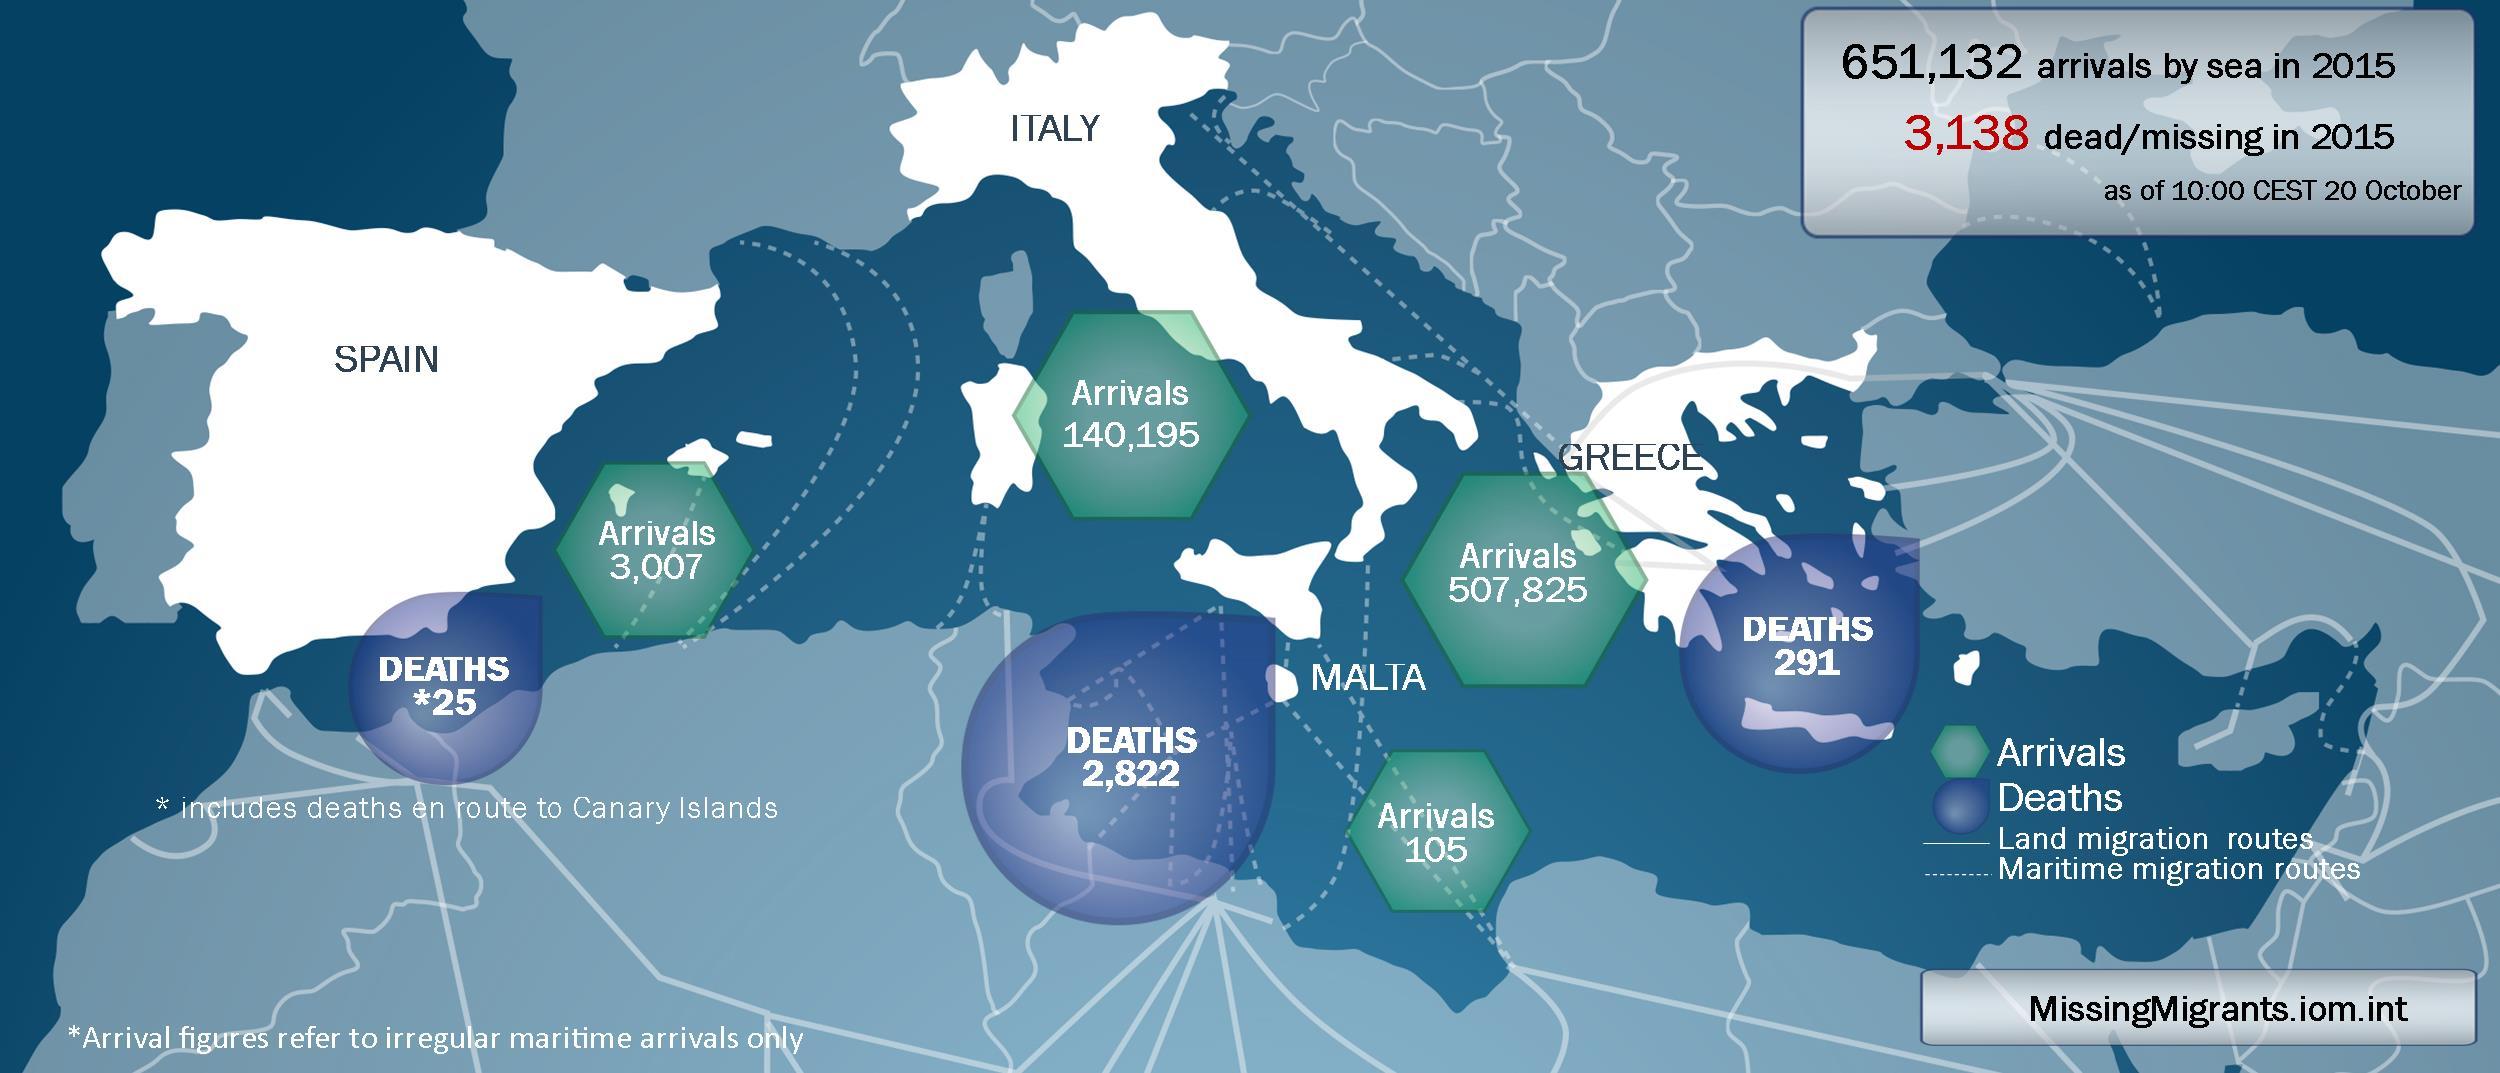 Migranti e richiedenti asilo nel Mediterraneo: arrivi e vittime al 20 ottobre 2015 (fonte Missing Migrants/OIM).